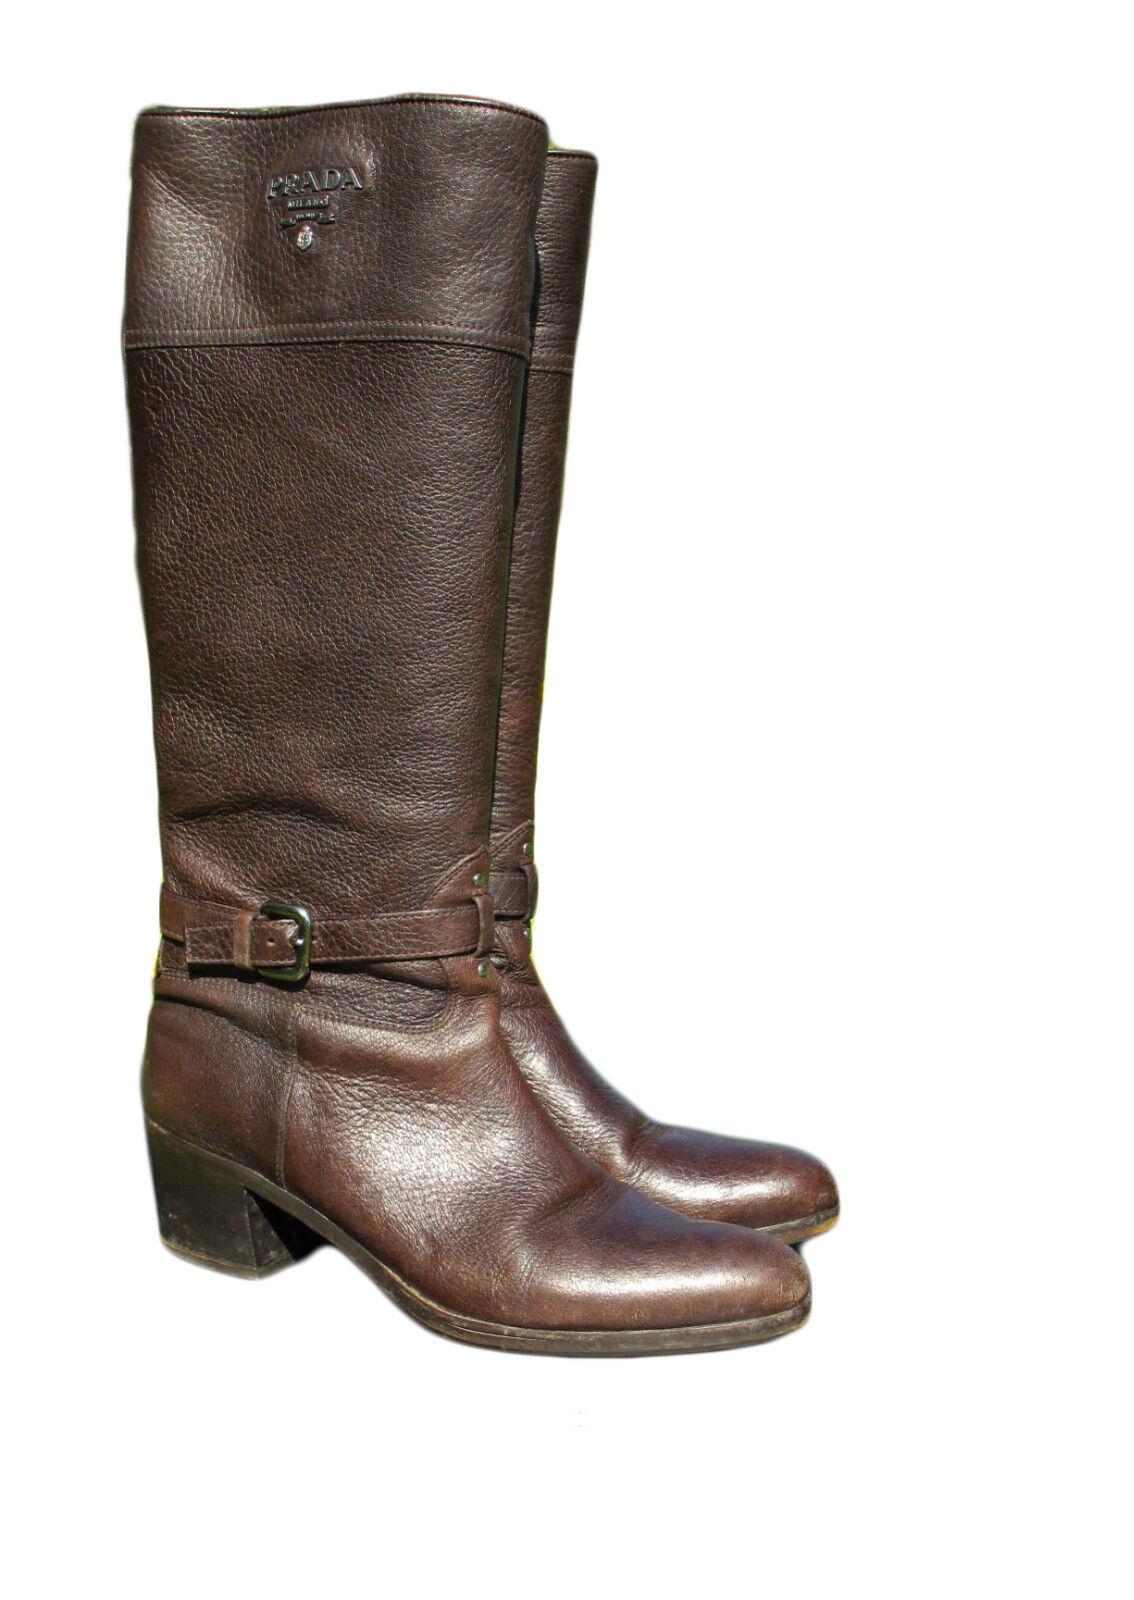 PRADA Logo Riding Stiefel braun schuhe Cervo Genuine Leather sz 39.5 UK 6.5